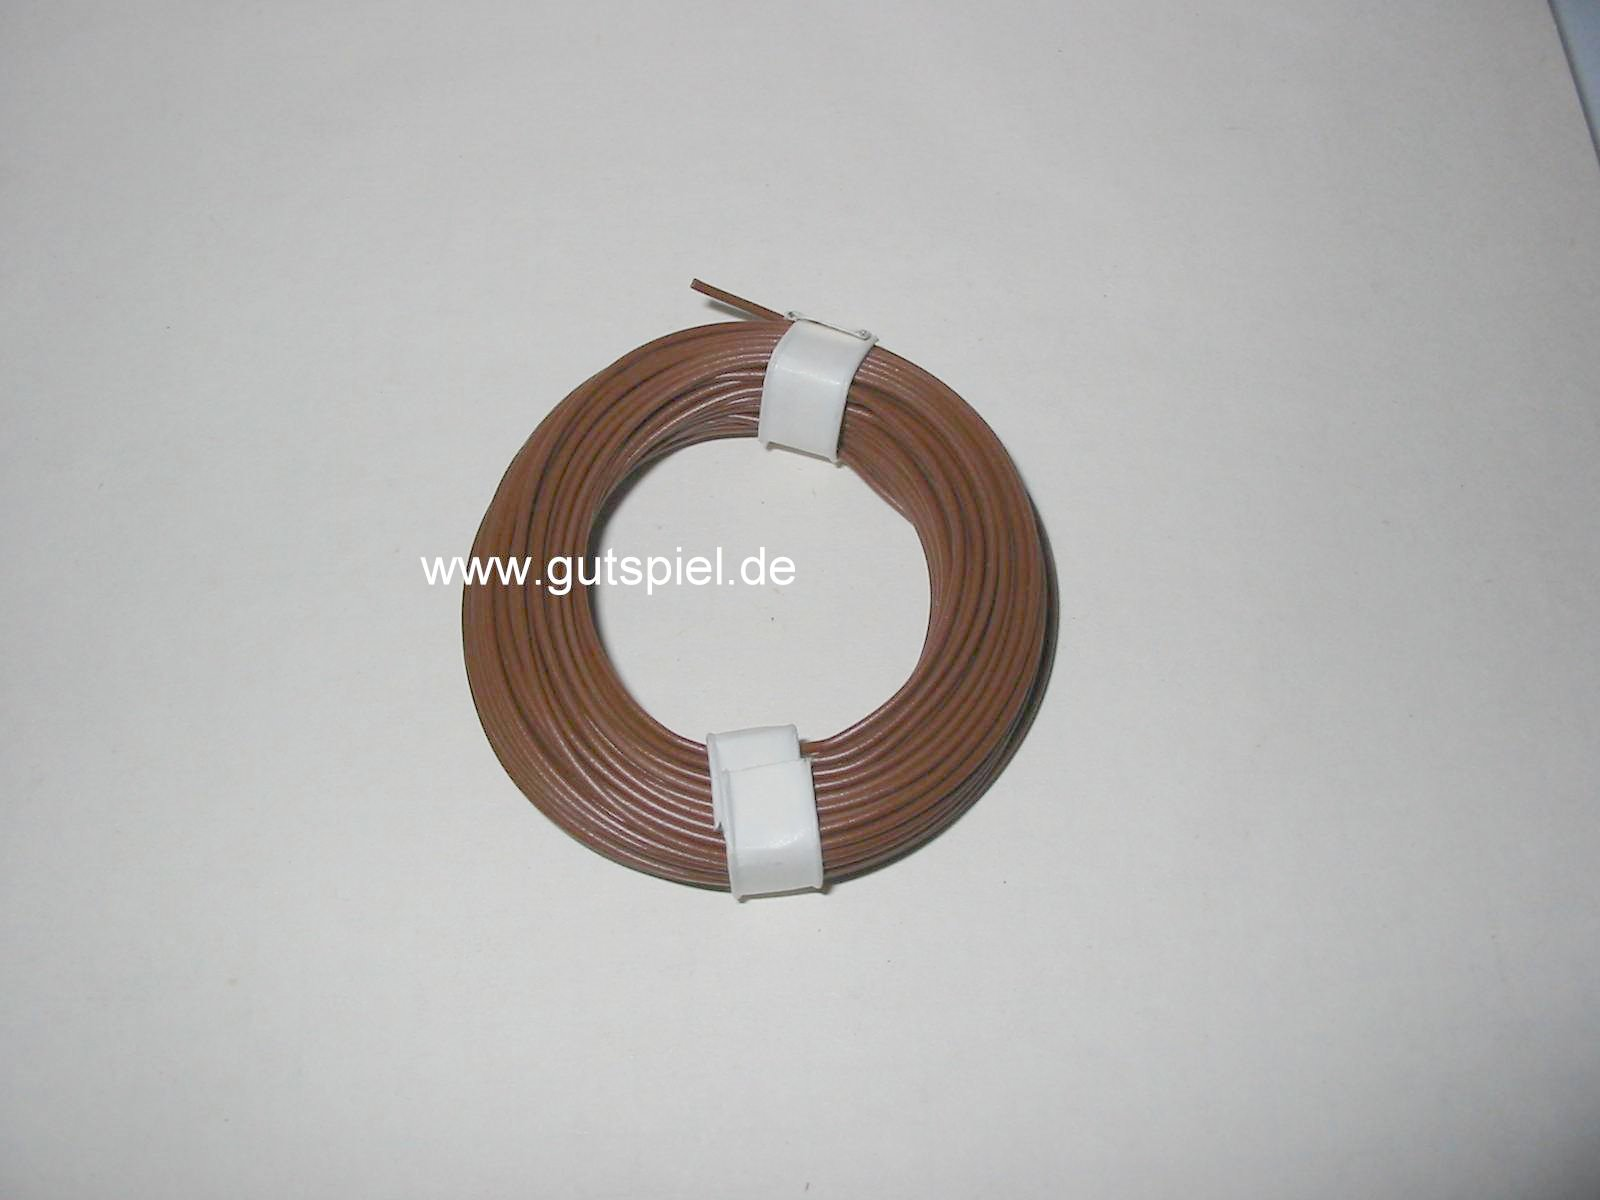 Kabel Litze mit einem Querschnit von 0,14qmm und 10 Meter länge braun